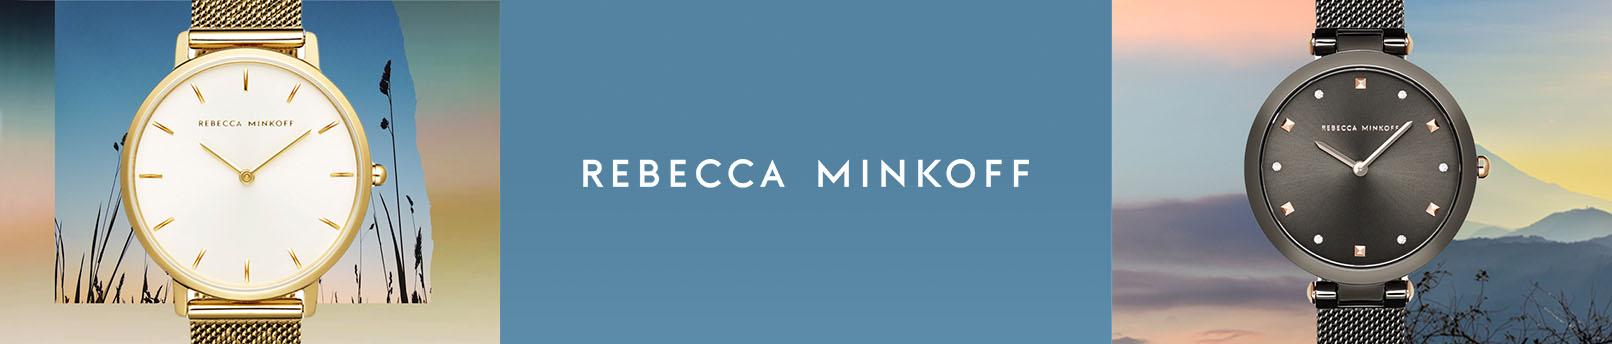 Rebecca Minkoff shoppen